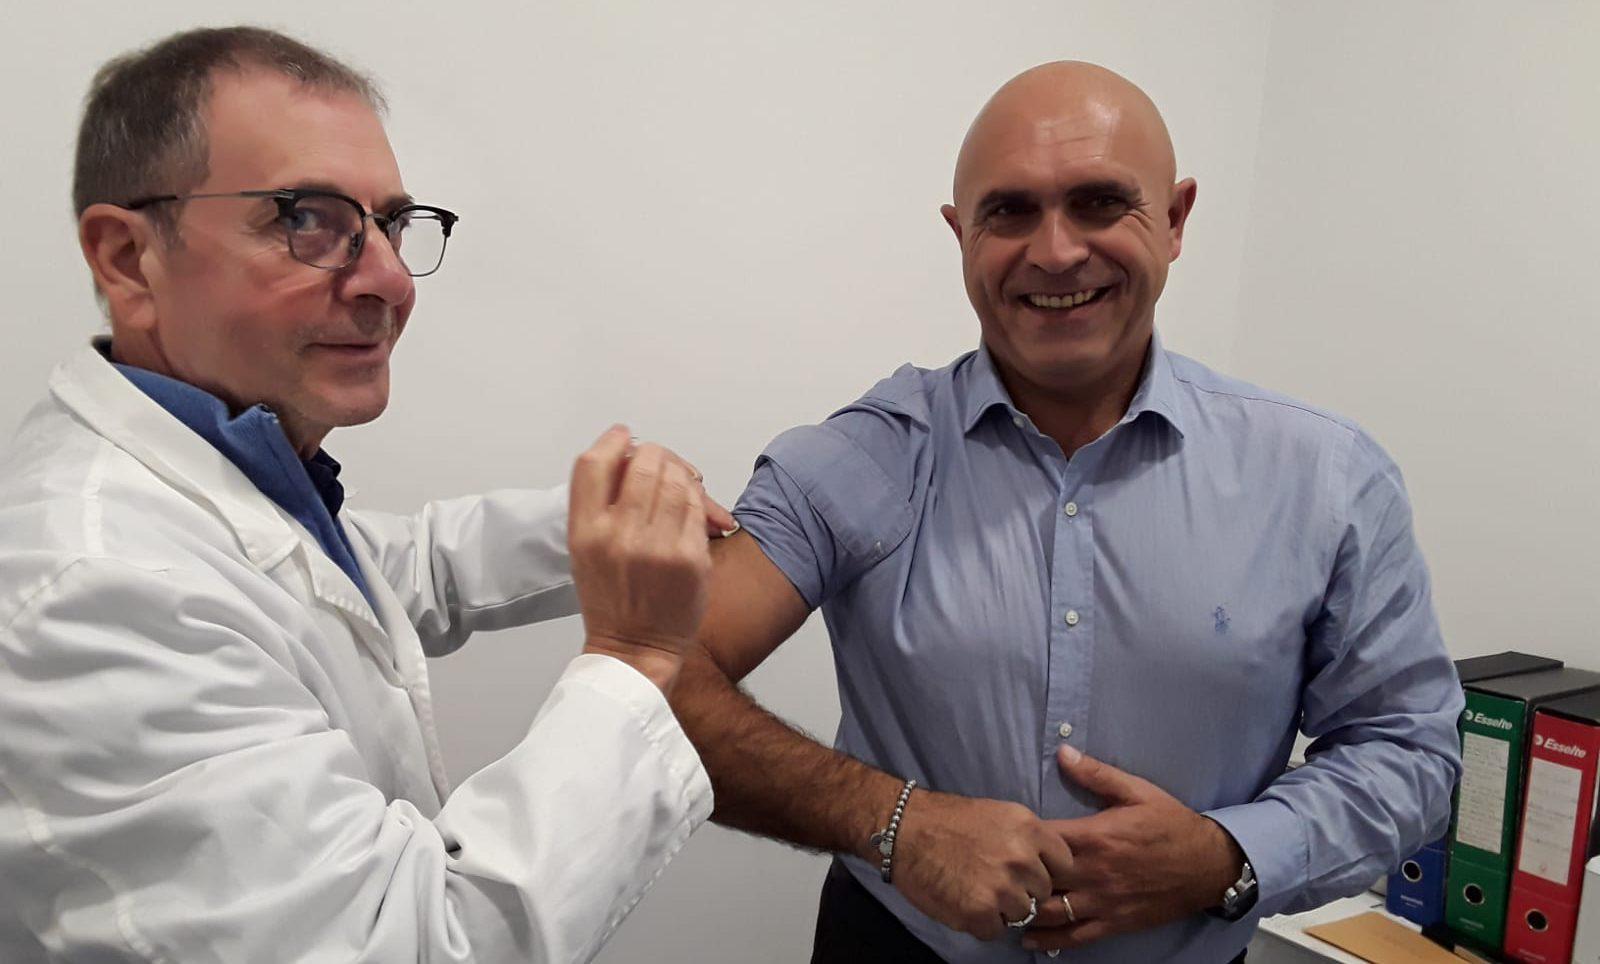 L'Avis promuove il vaccino anti influenzale gratuito: ecco per quali fasce